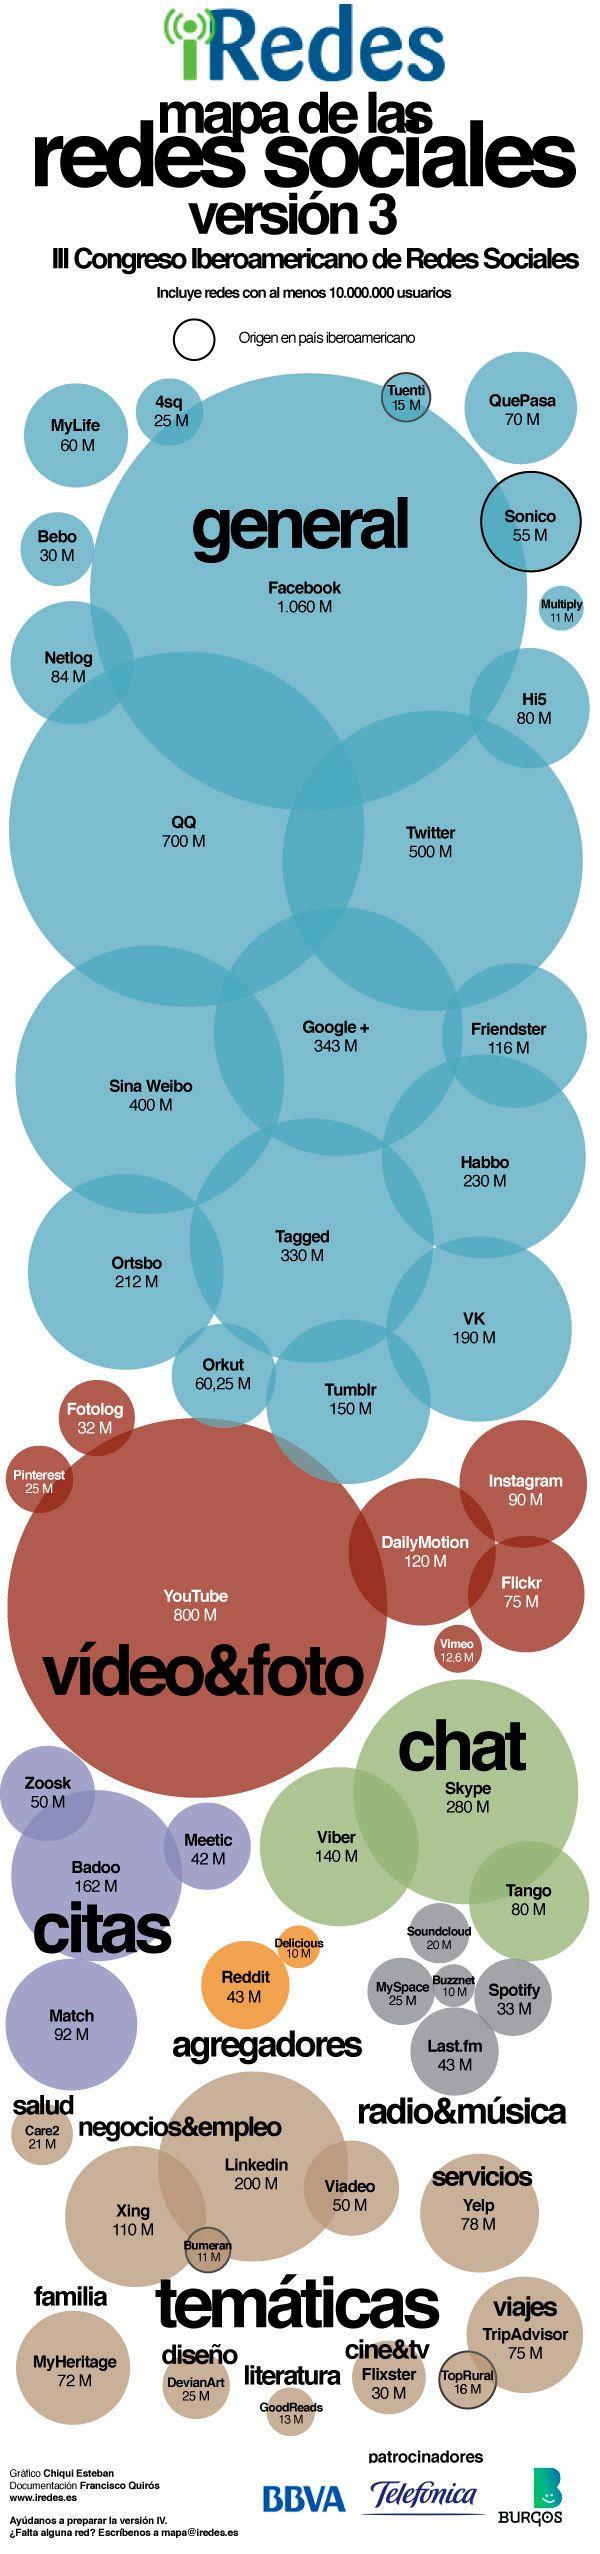 Mapa de las Redes Sociales v3.0